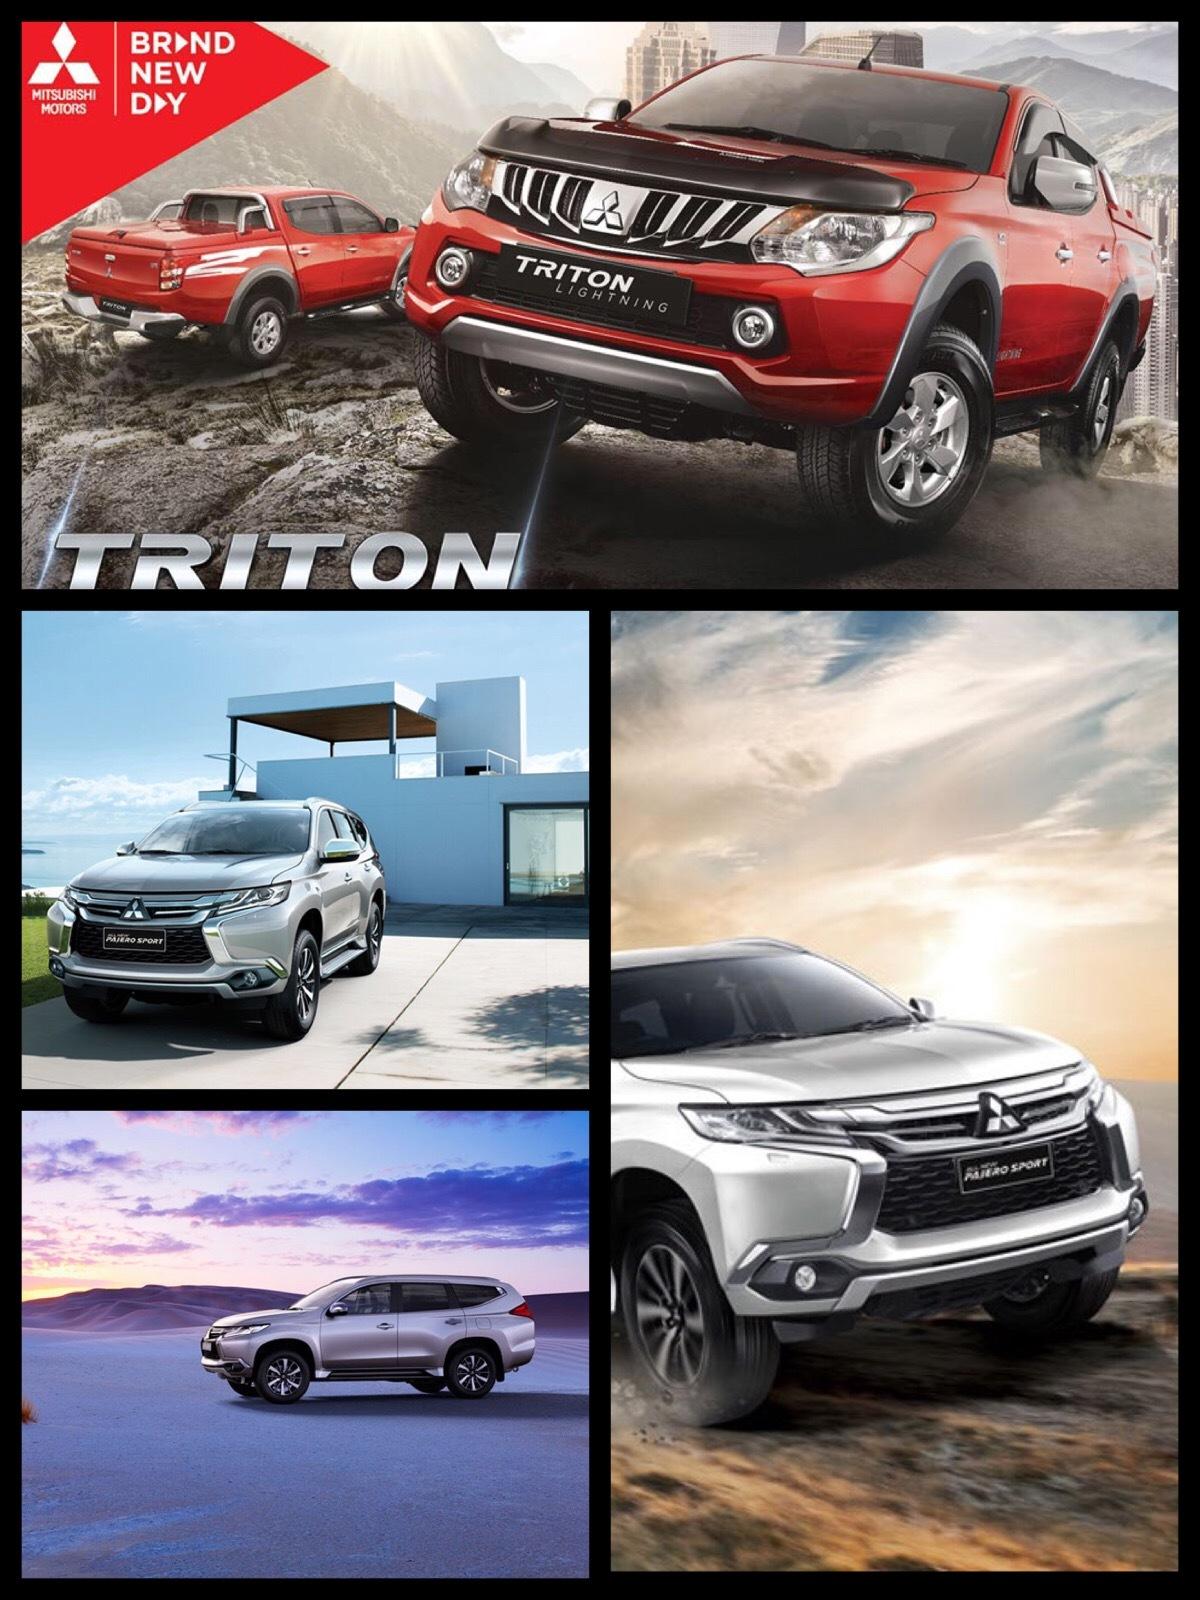 Mitsubishi motors lndonesia Jakarta